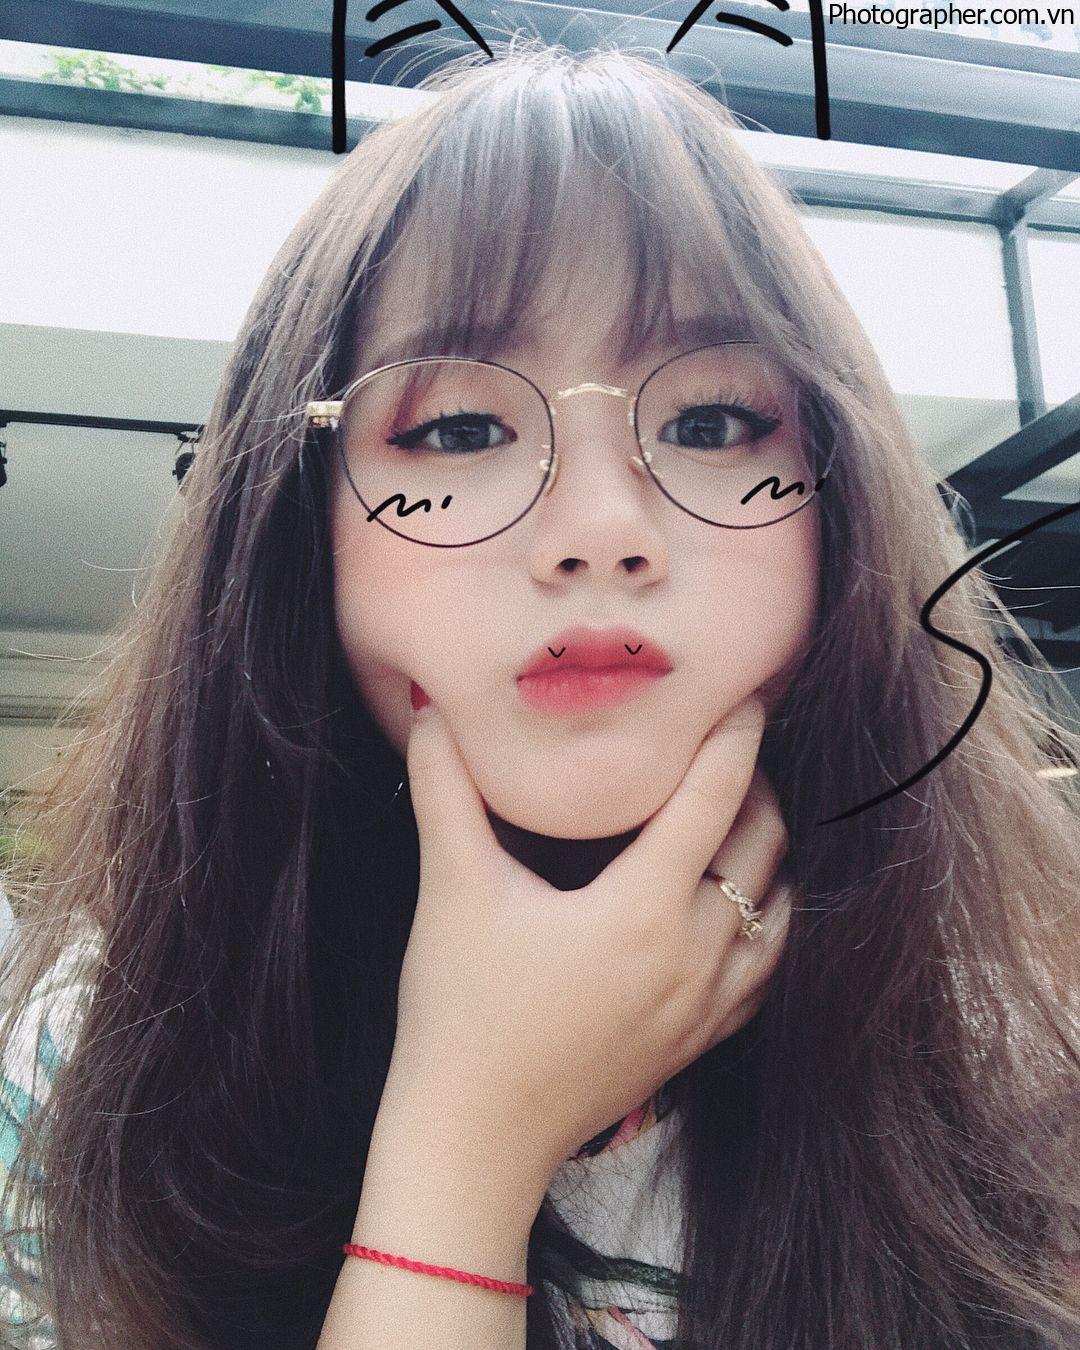 Tổng hợp những hình ảnh gái xinh đeo kính cực dễ thương